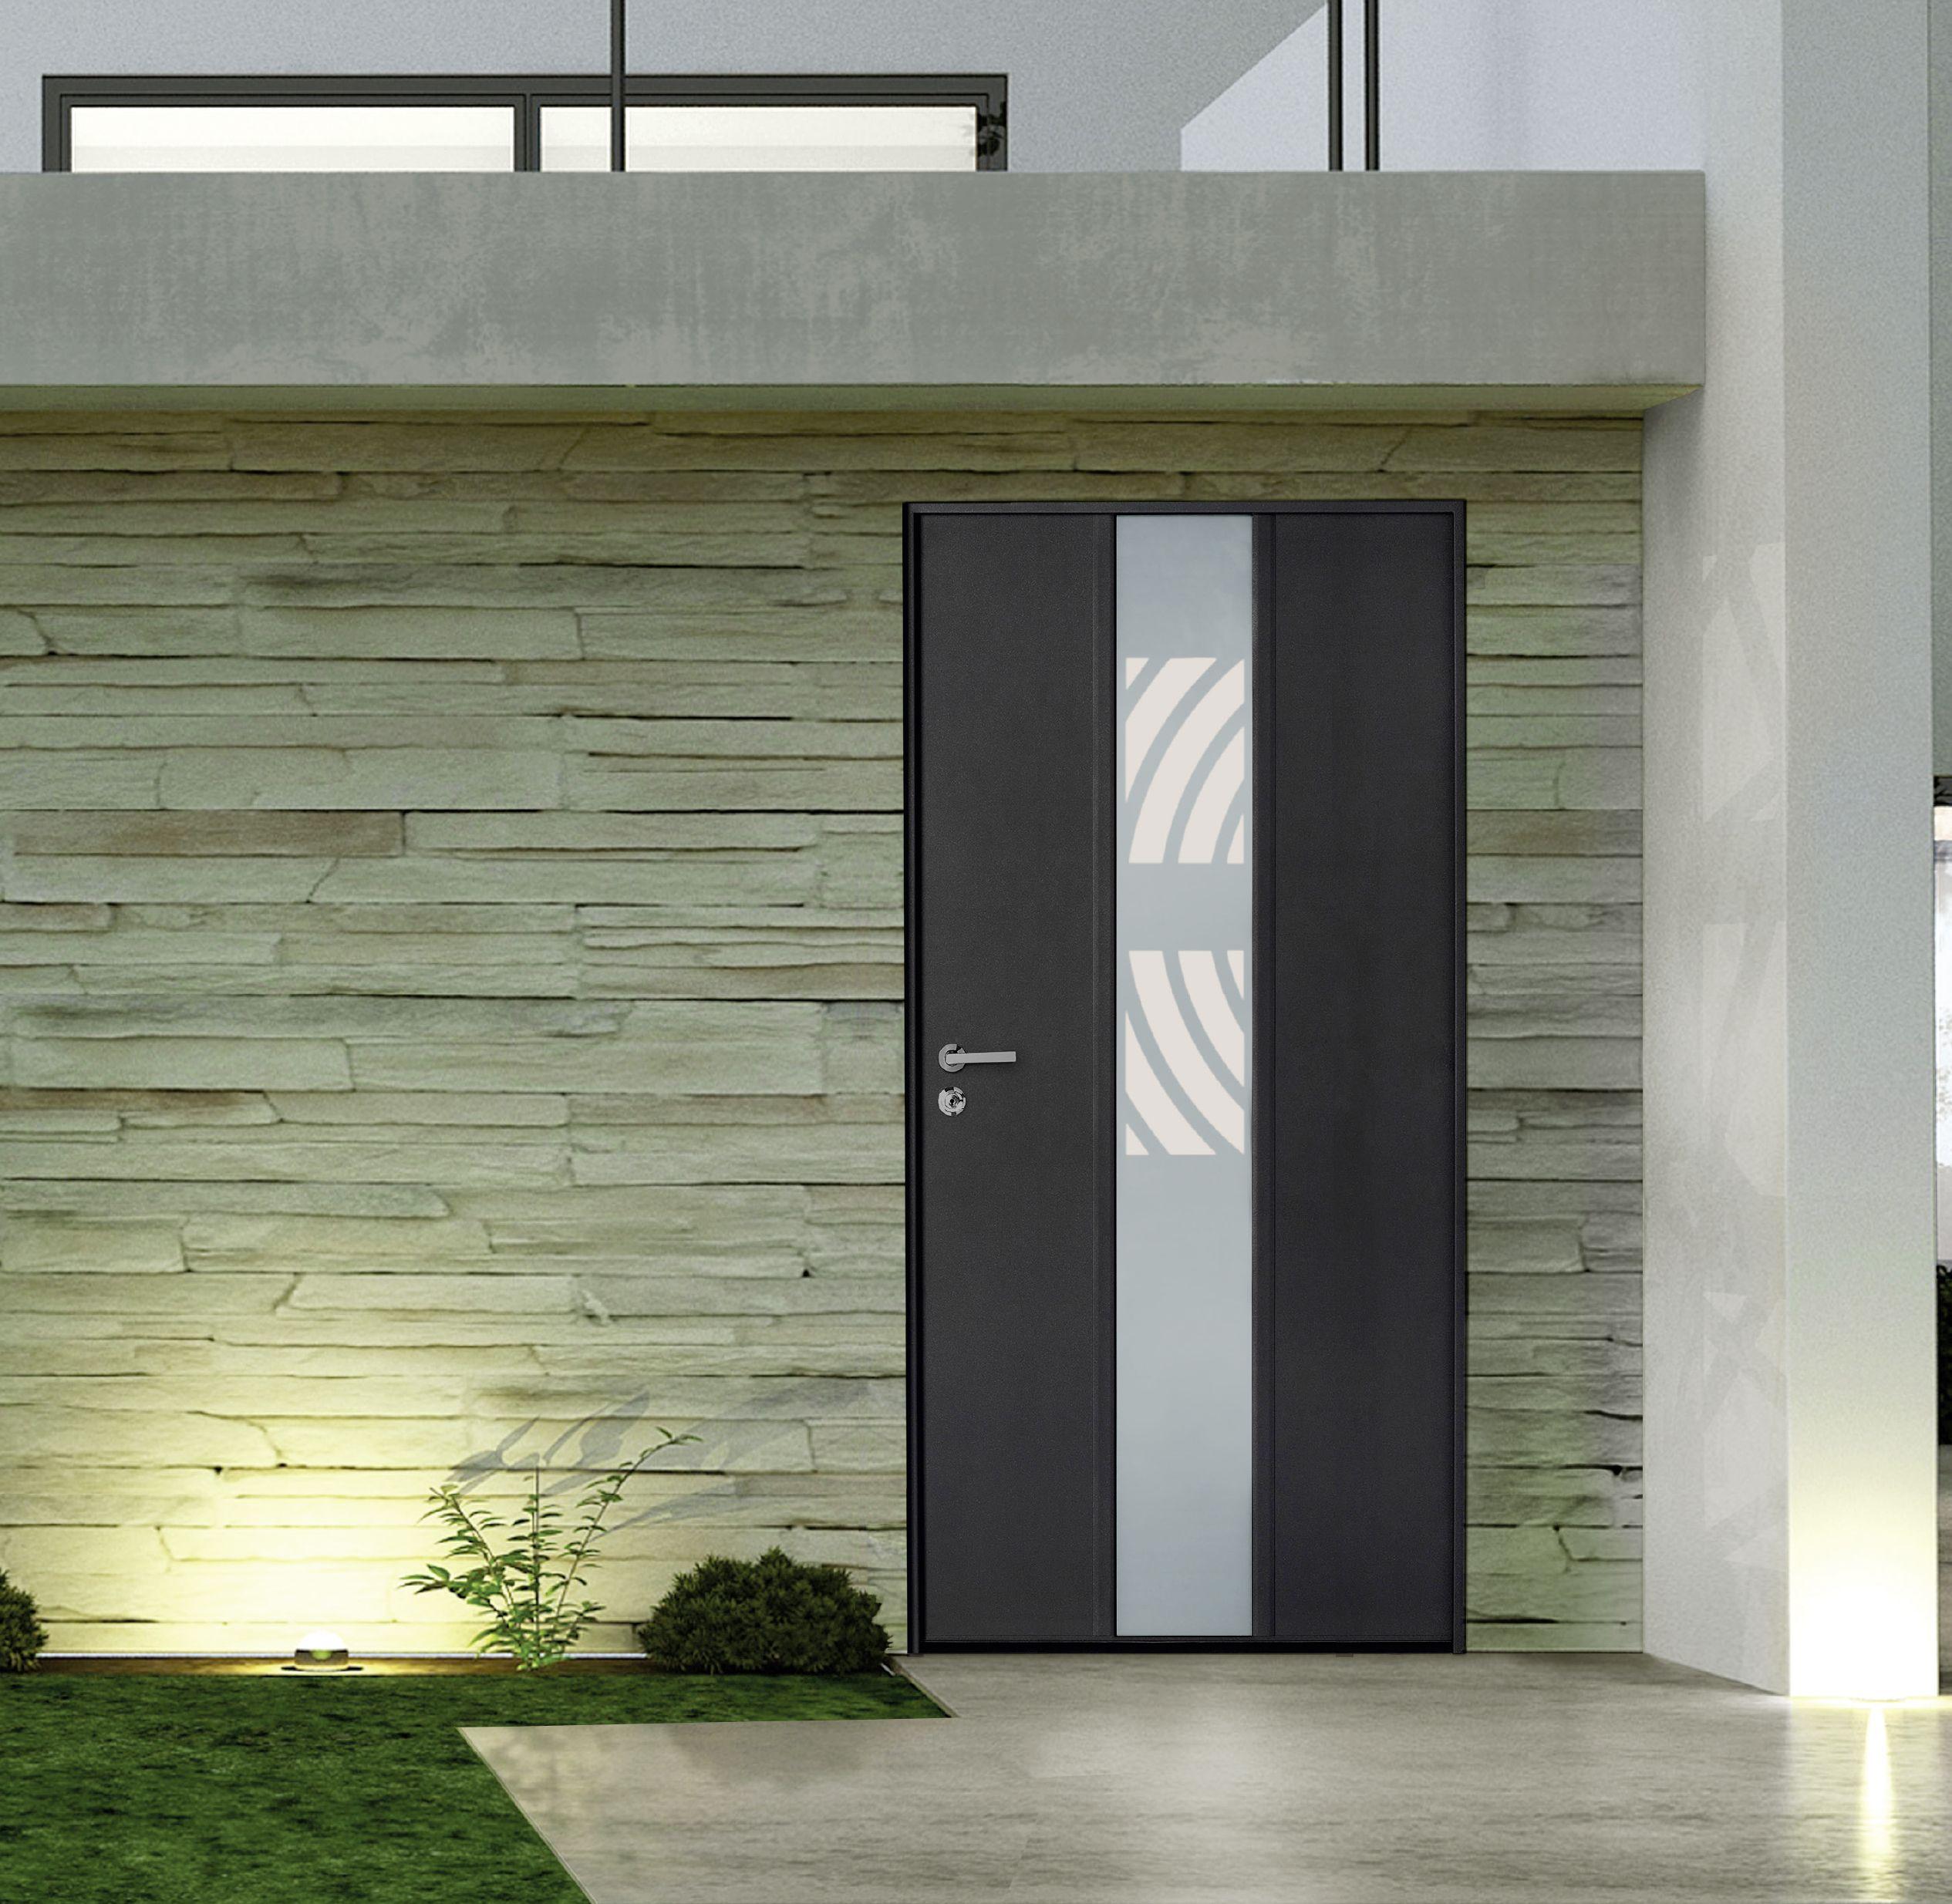 Porte Blindée Vitrée Pavillonnaire Eclat Portes Blindées - Porte placard coulissante avec portes blindées fichet